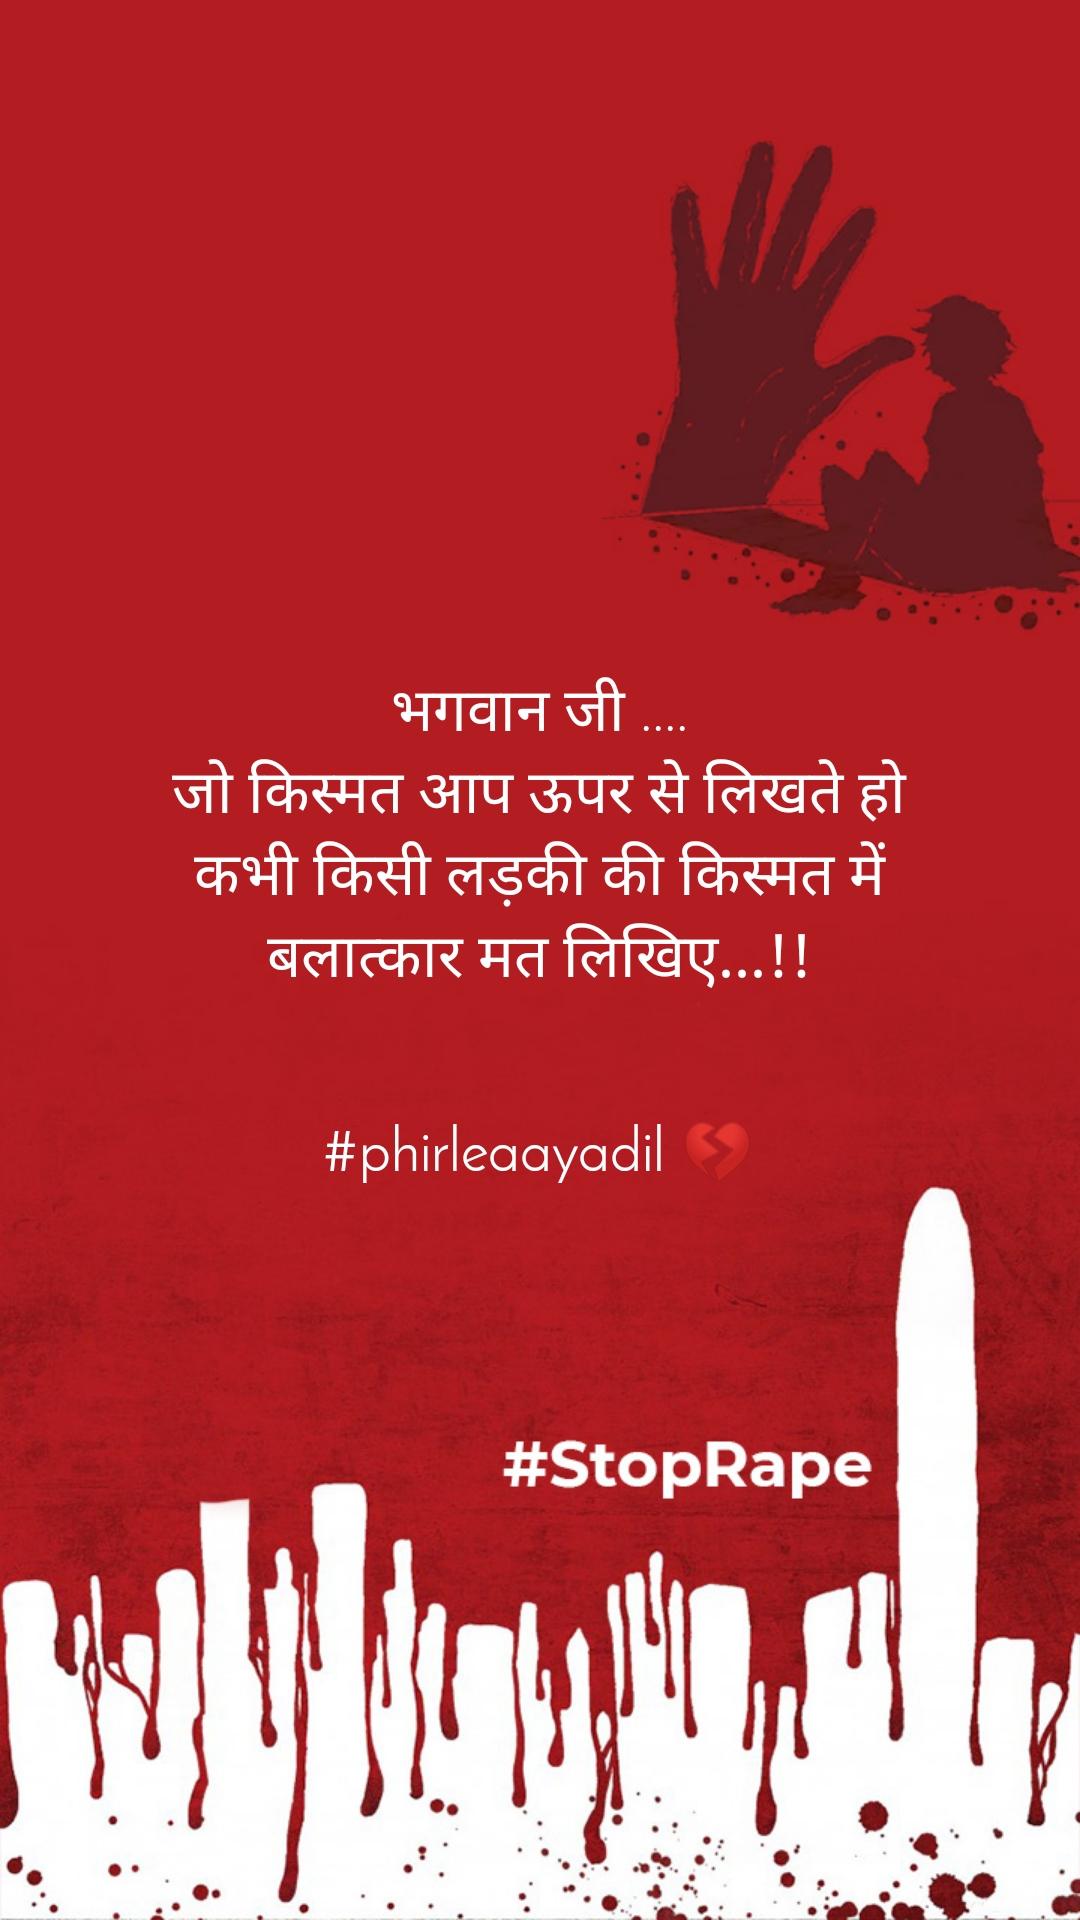 भगवान जी .... जो किस्मत आप ऊपर से लिखते हो कभी किसी लड़की की किस्मत में बलात्कार मत लिखिए...!!   #phirleaayadil 💔